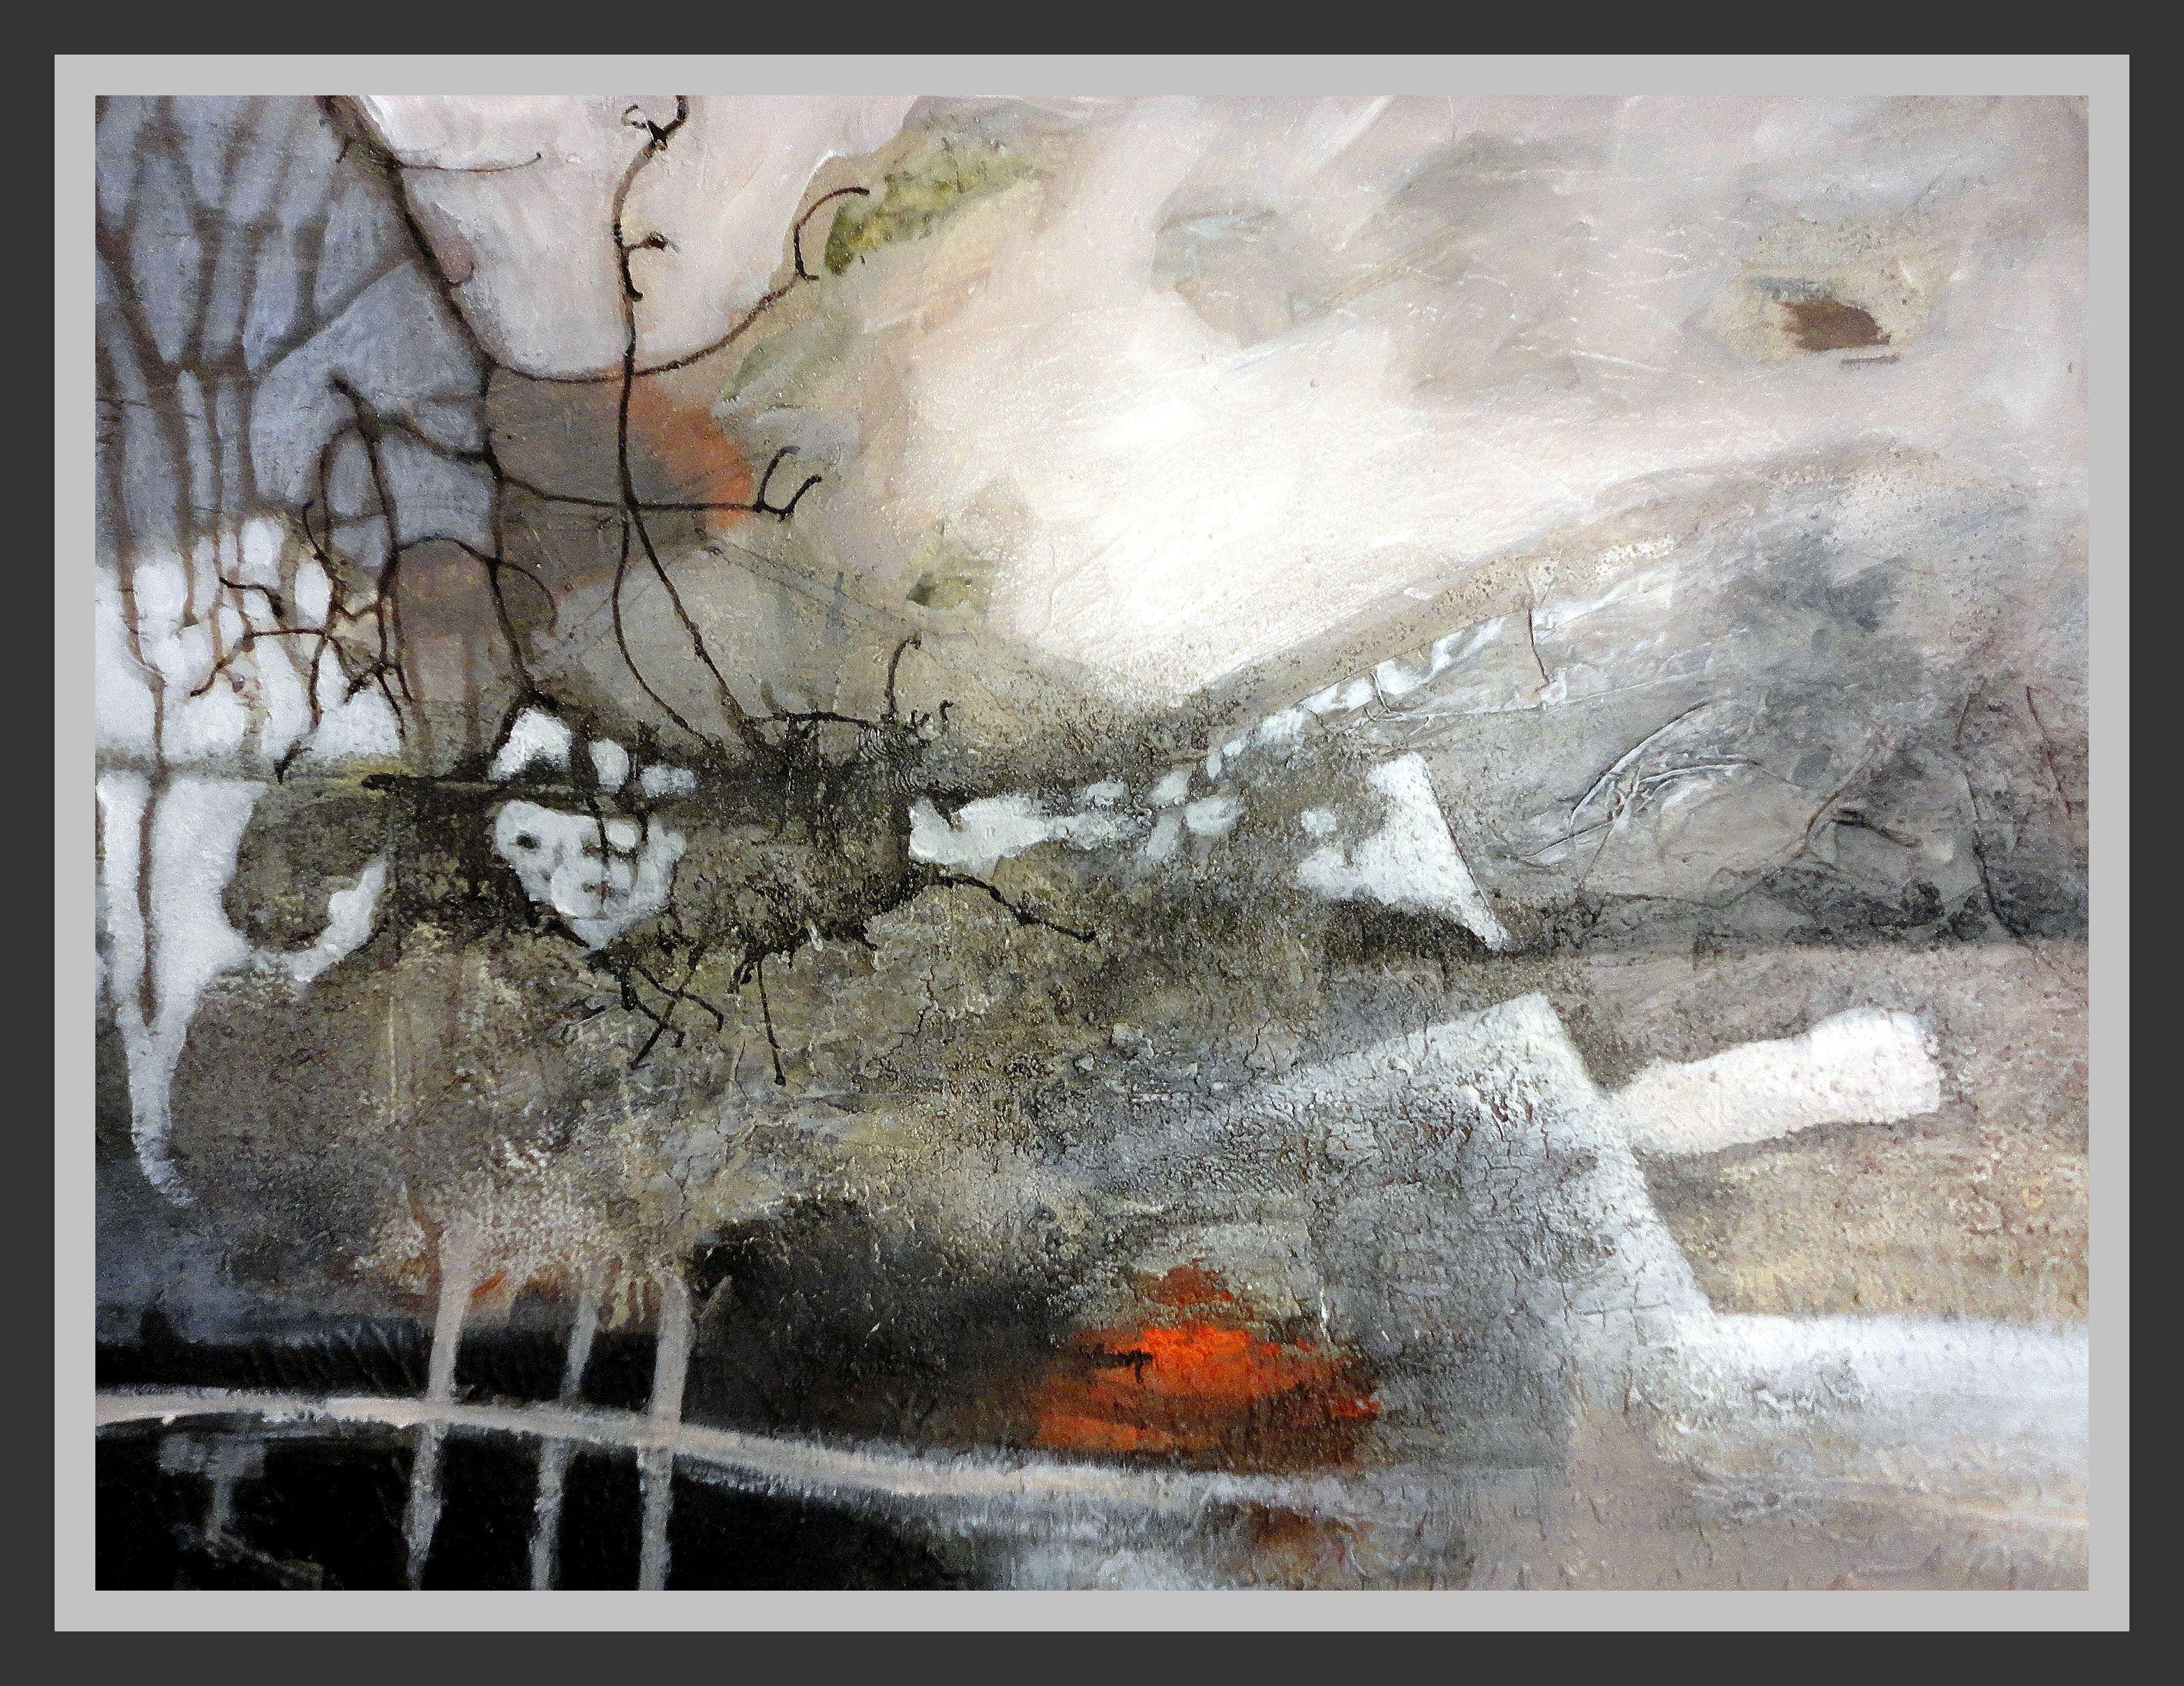 abstract landscape by Gerda Lipski www.gerdalipski.com youtube kanal ...